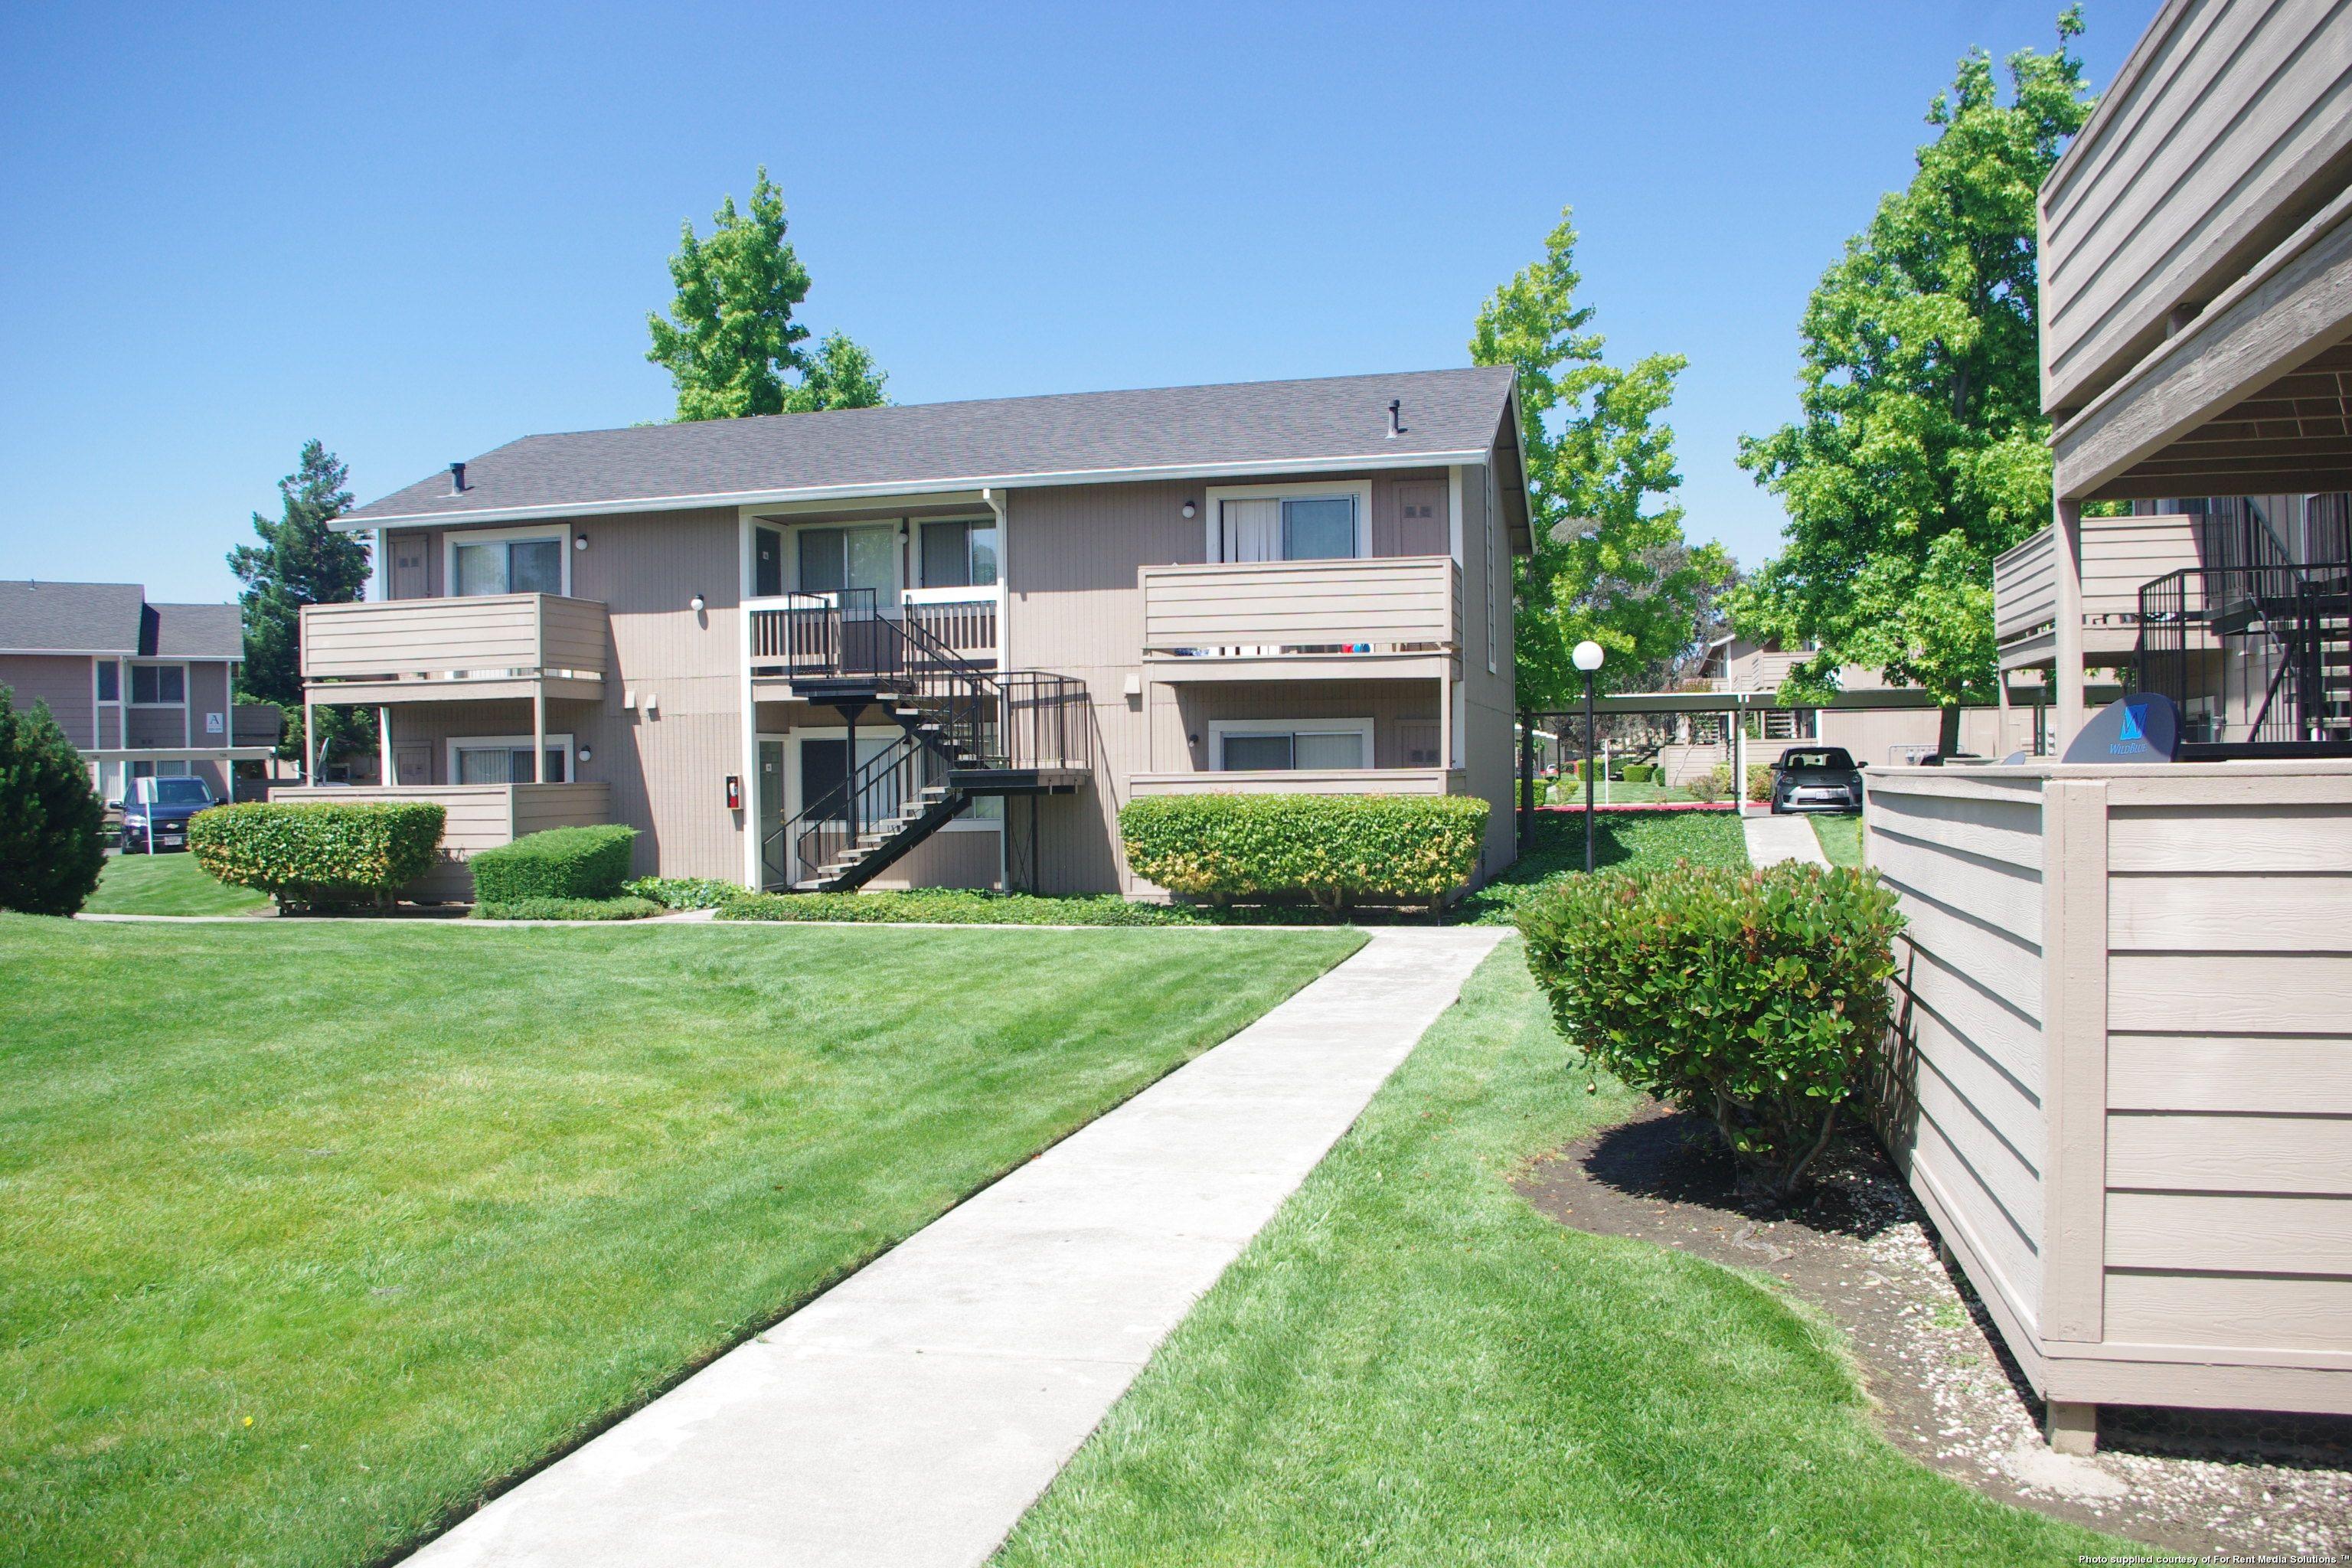 Woodside Court Apartments 555 Alaska Ave Fairfield Ca